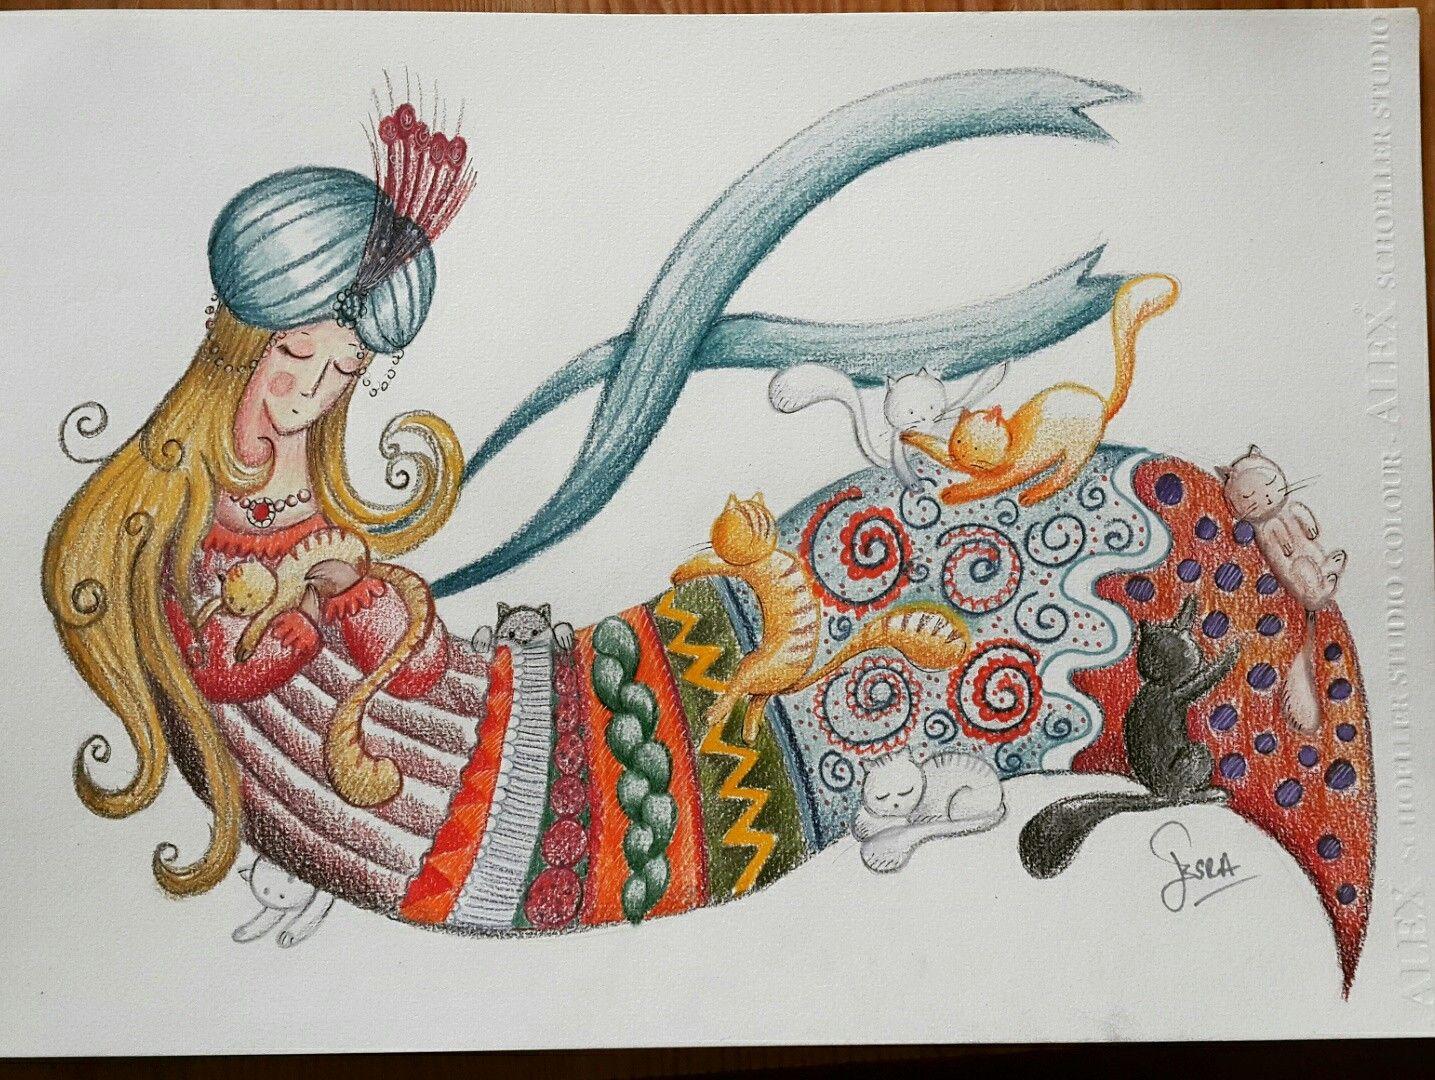 #childrensbook #childrensbookillustration #illustration #art #sketch